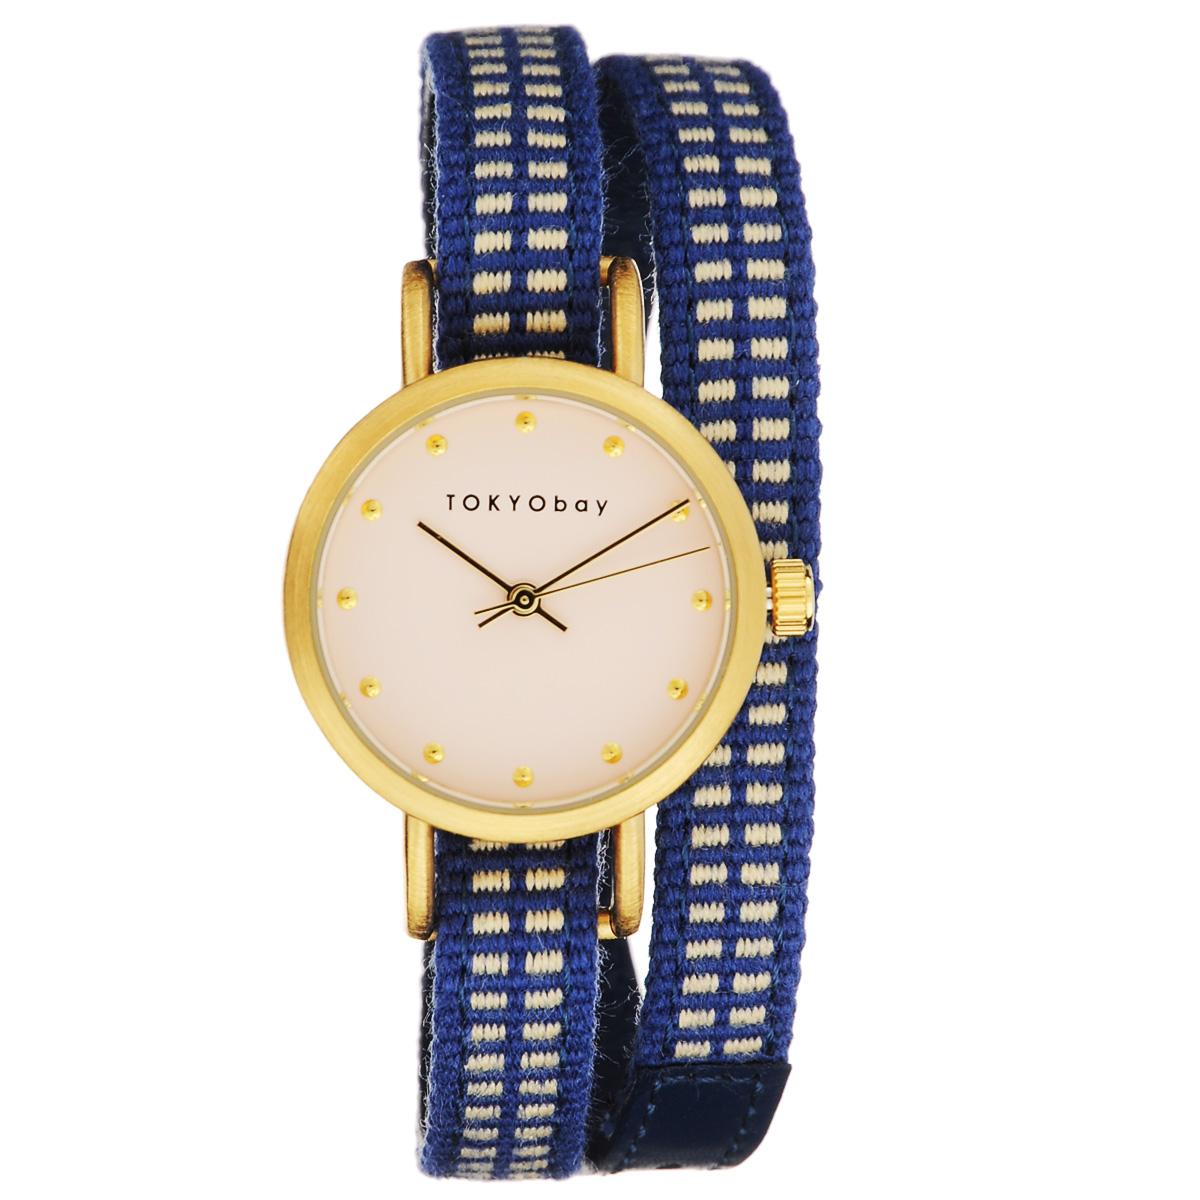 Часы женские наручные Tokyobay Obi, цвет: синий. T233-BL tokyobay obi t233 bl